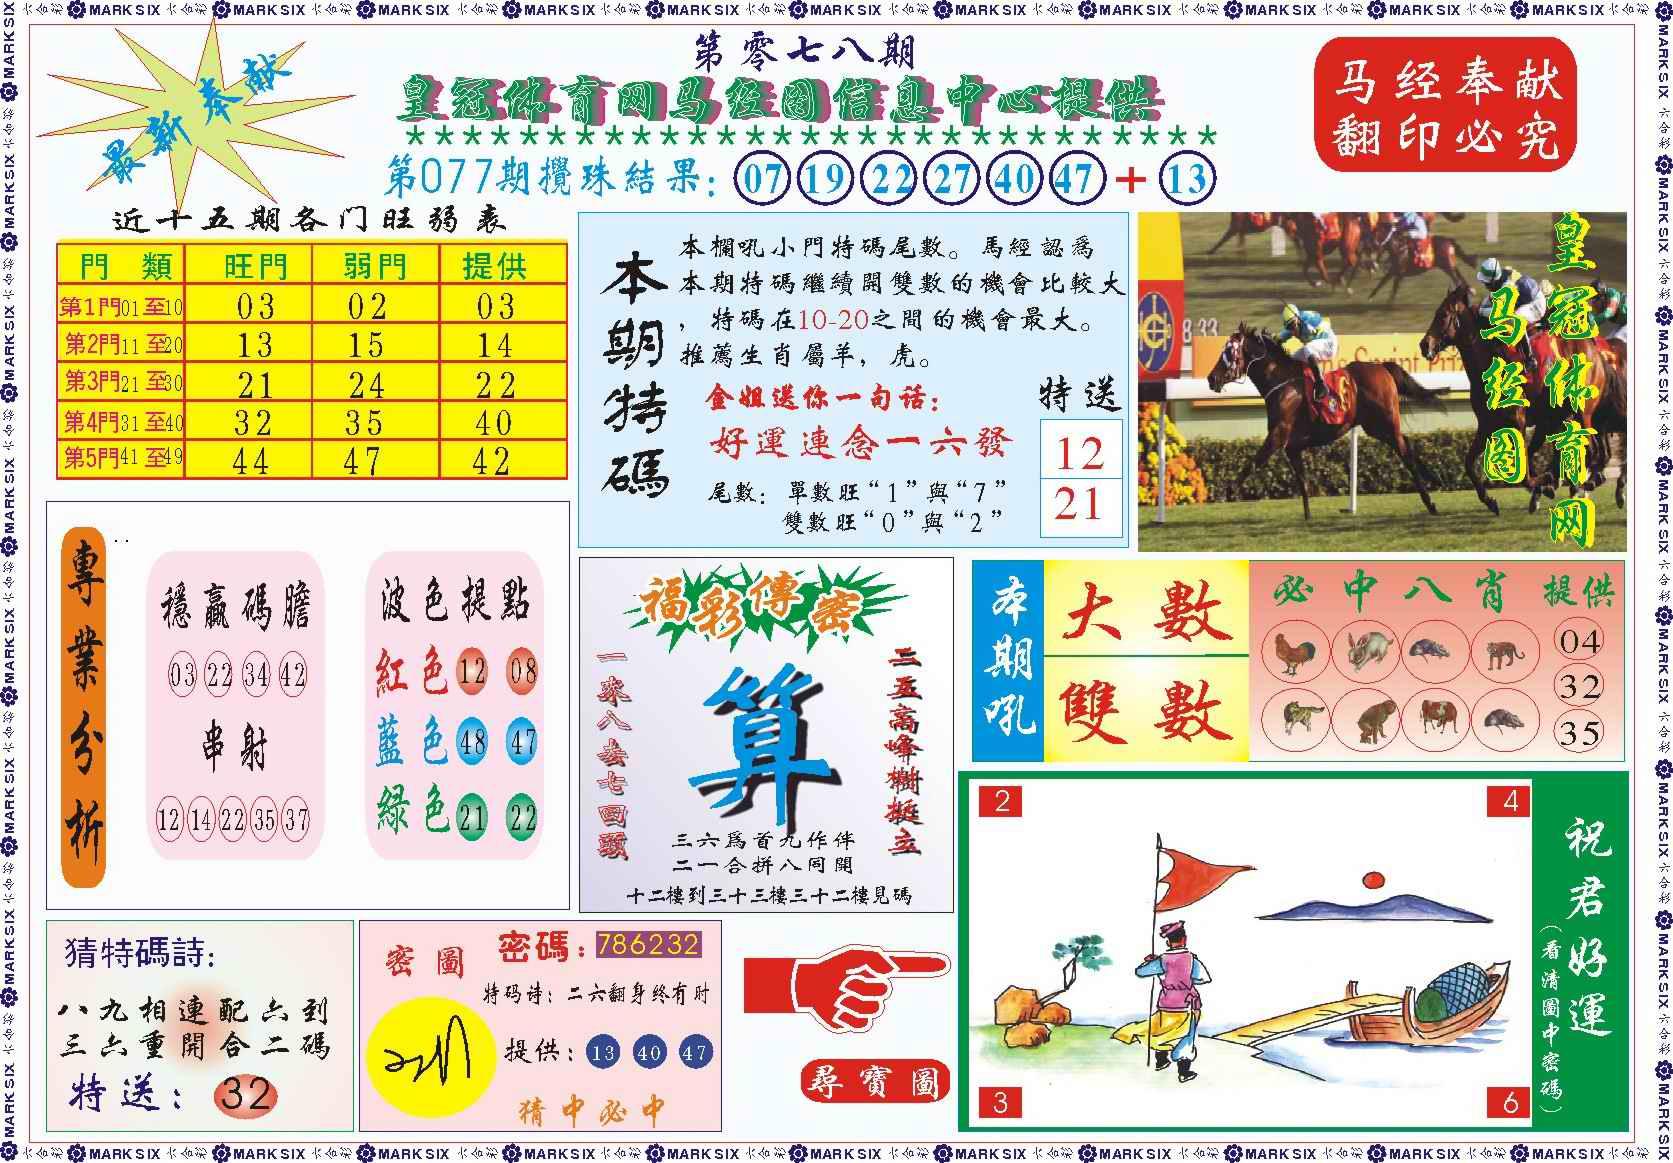 078期皇冠体育网马经图记录